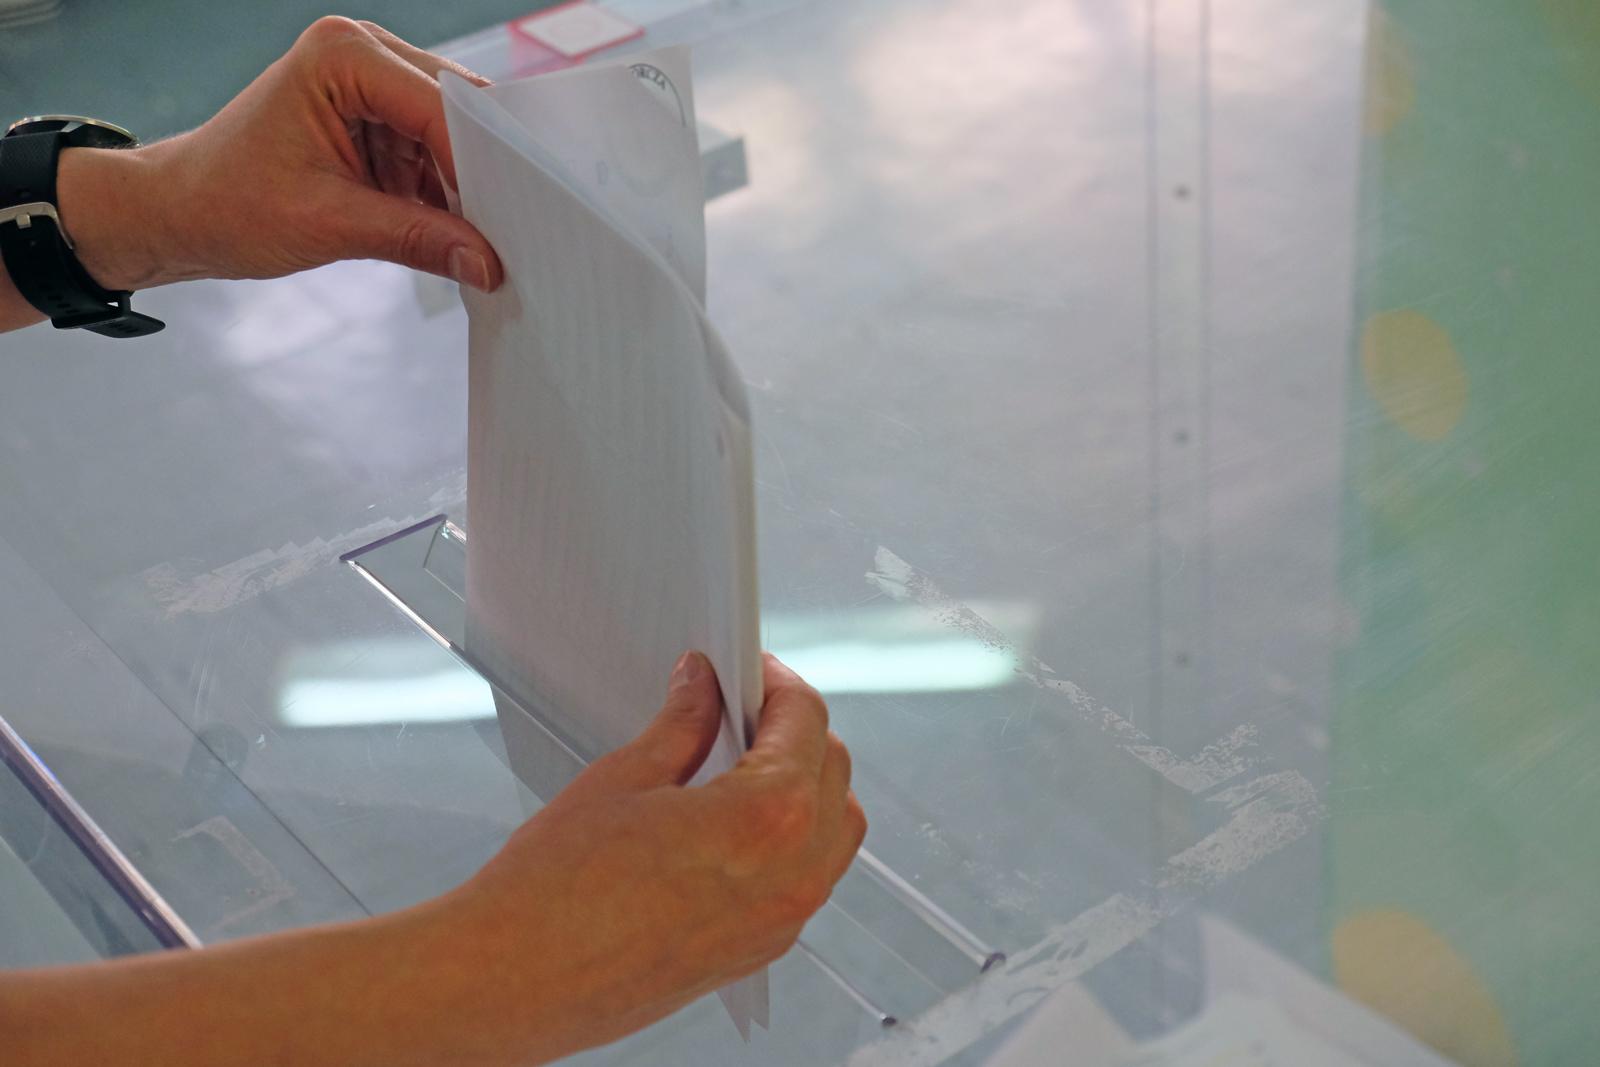 Opolska delegatura KBW przypomina o zasadach i terminach dot. głosowania korespondencyjnego w wyborach prezydenckich